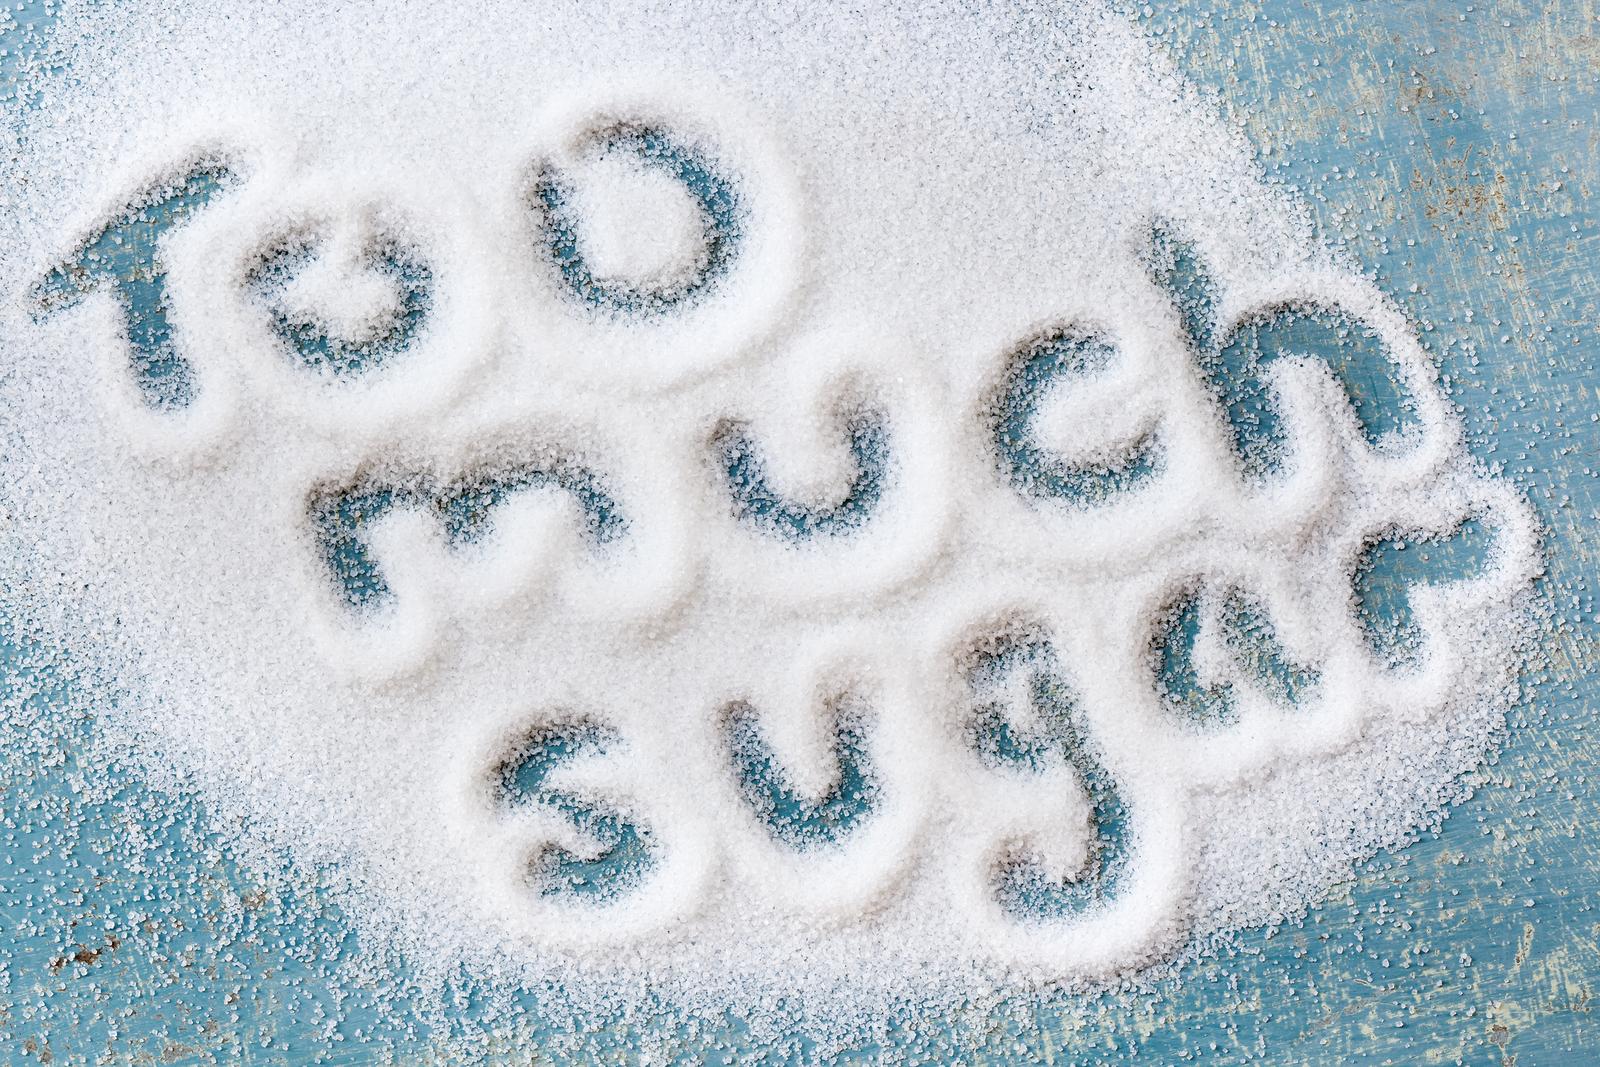 kurangkan gula